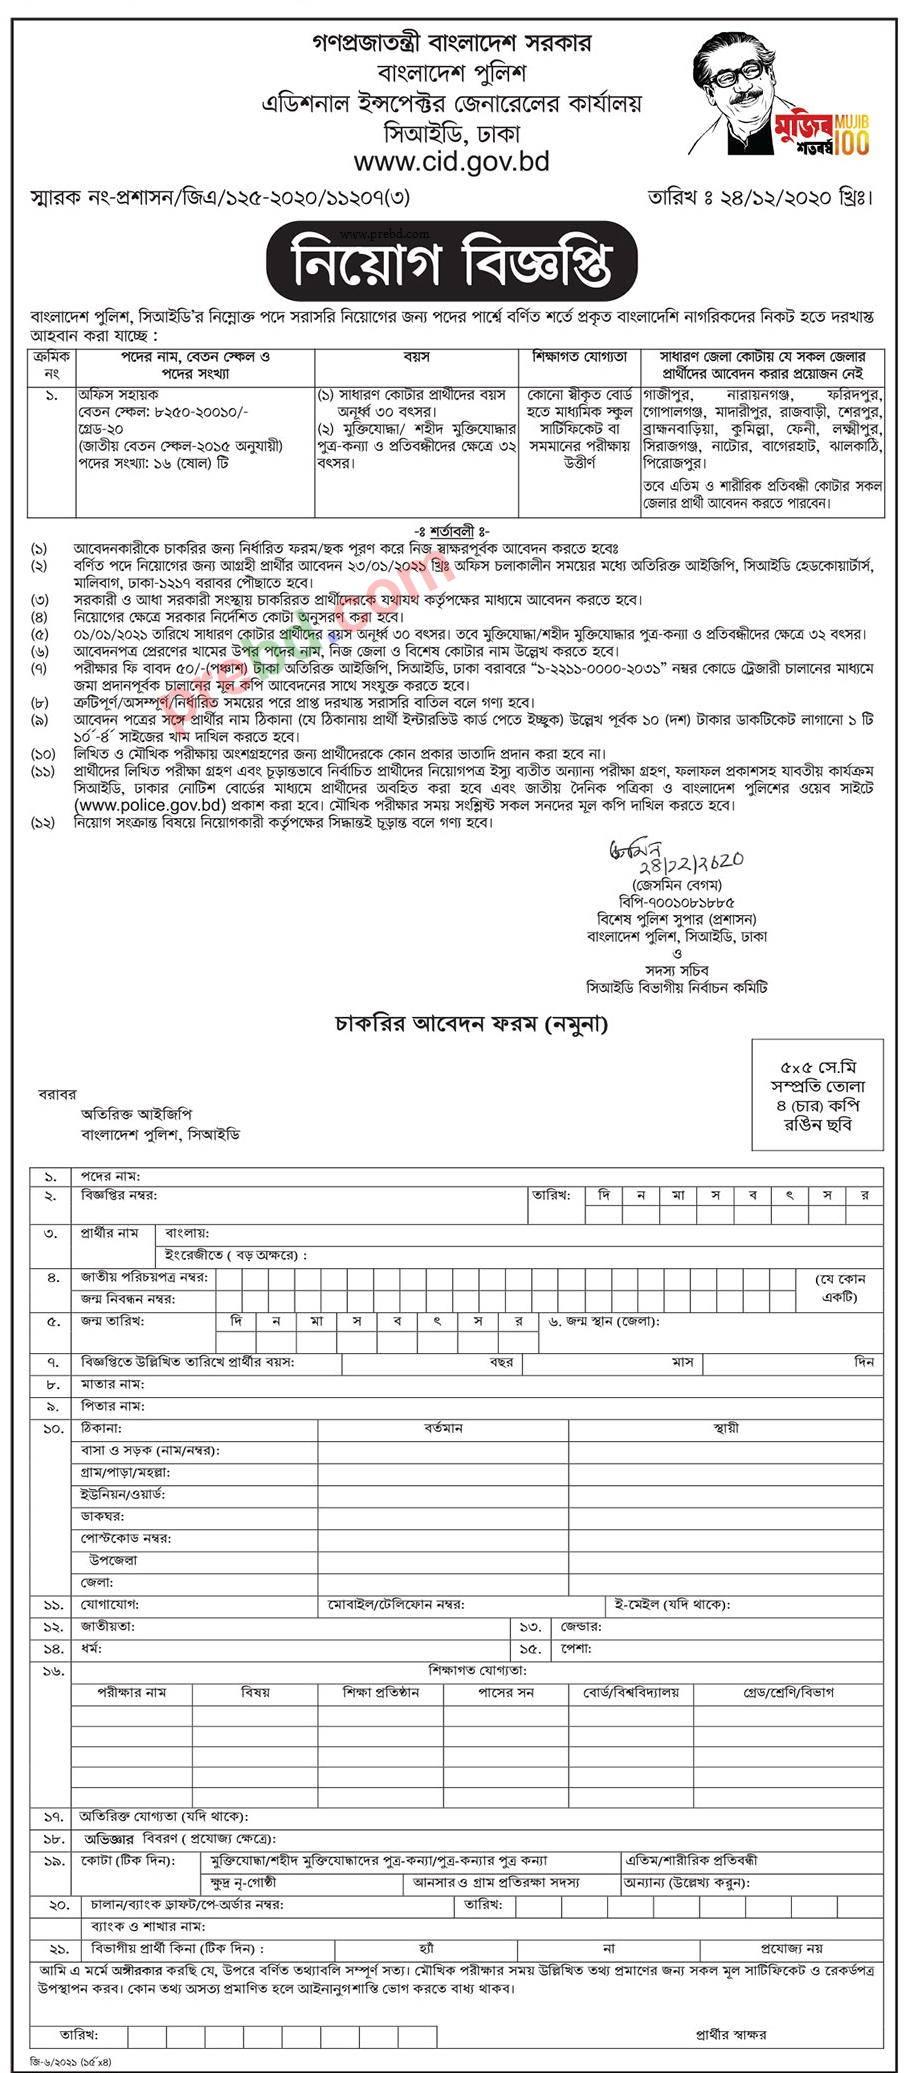 বাংলাদেশ পুলিশ এর ক্রিমিনাল ইনভেস্টিগেশন ডিপার্টমেন্ট (CID) এ নিয়োগ বিজ্ঞপ্তি ২০২১ | www.Cid.gov.bd Job Circular 2021-cid Job Circular 2021